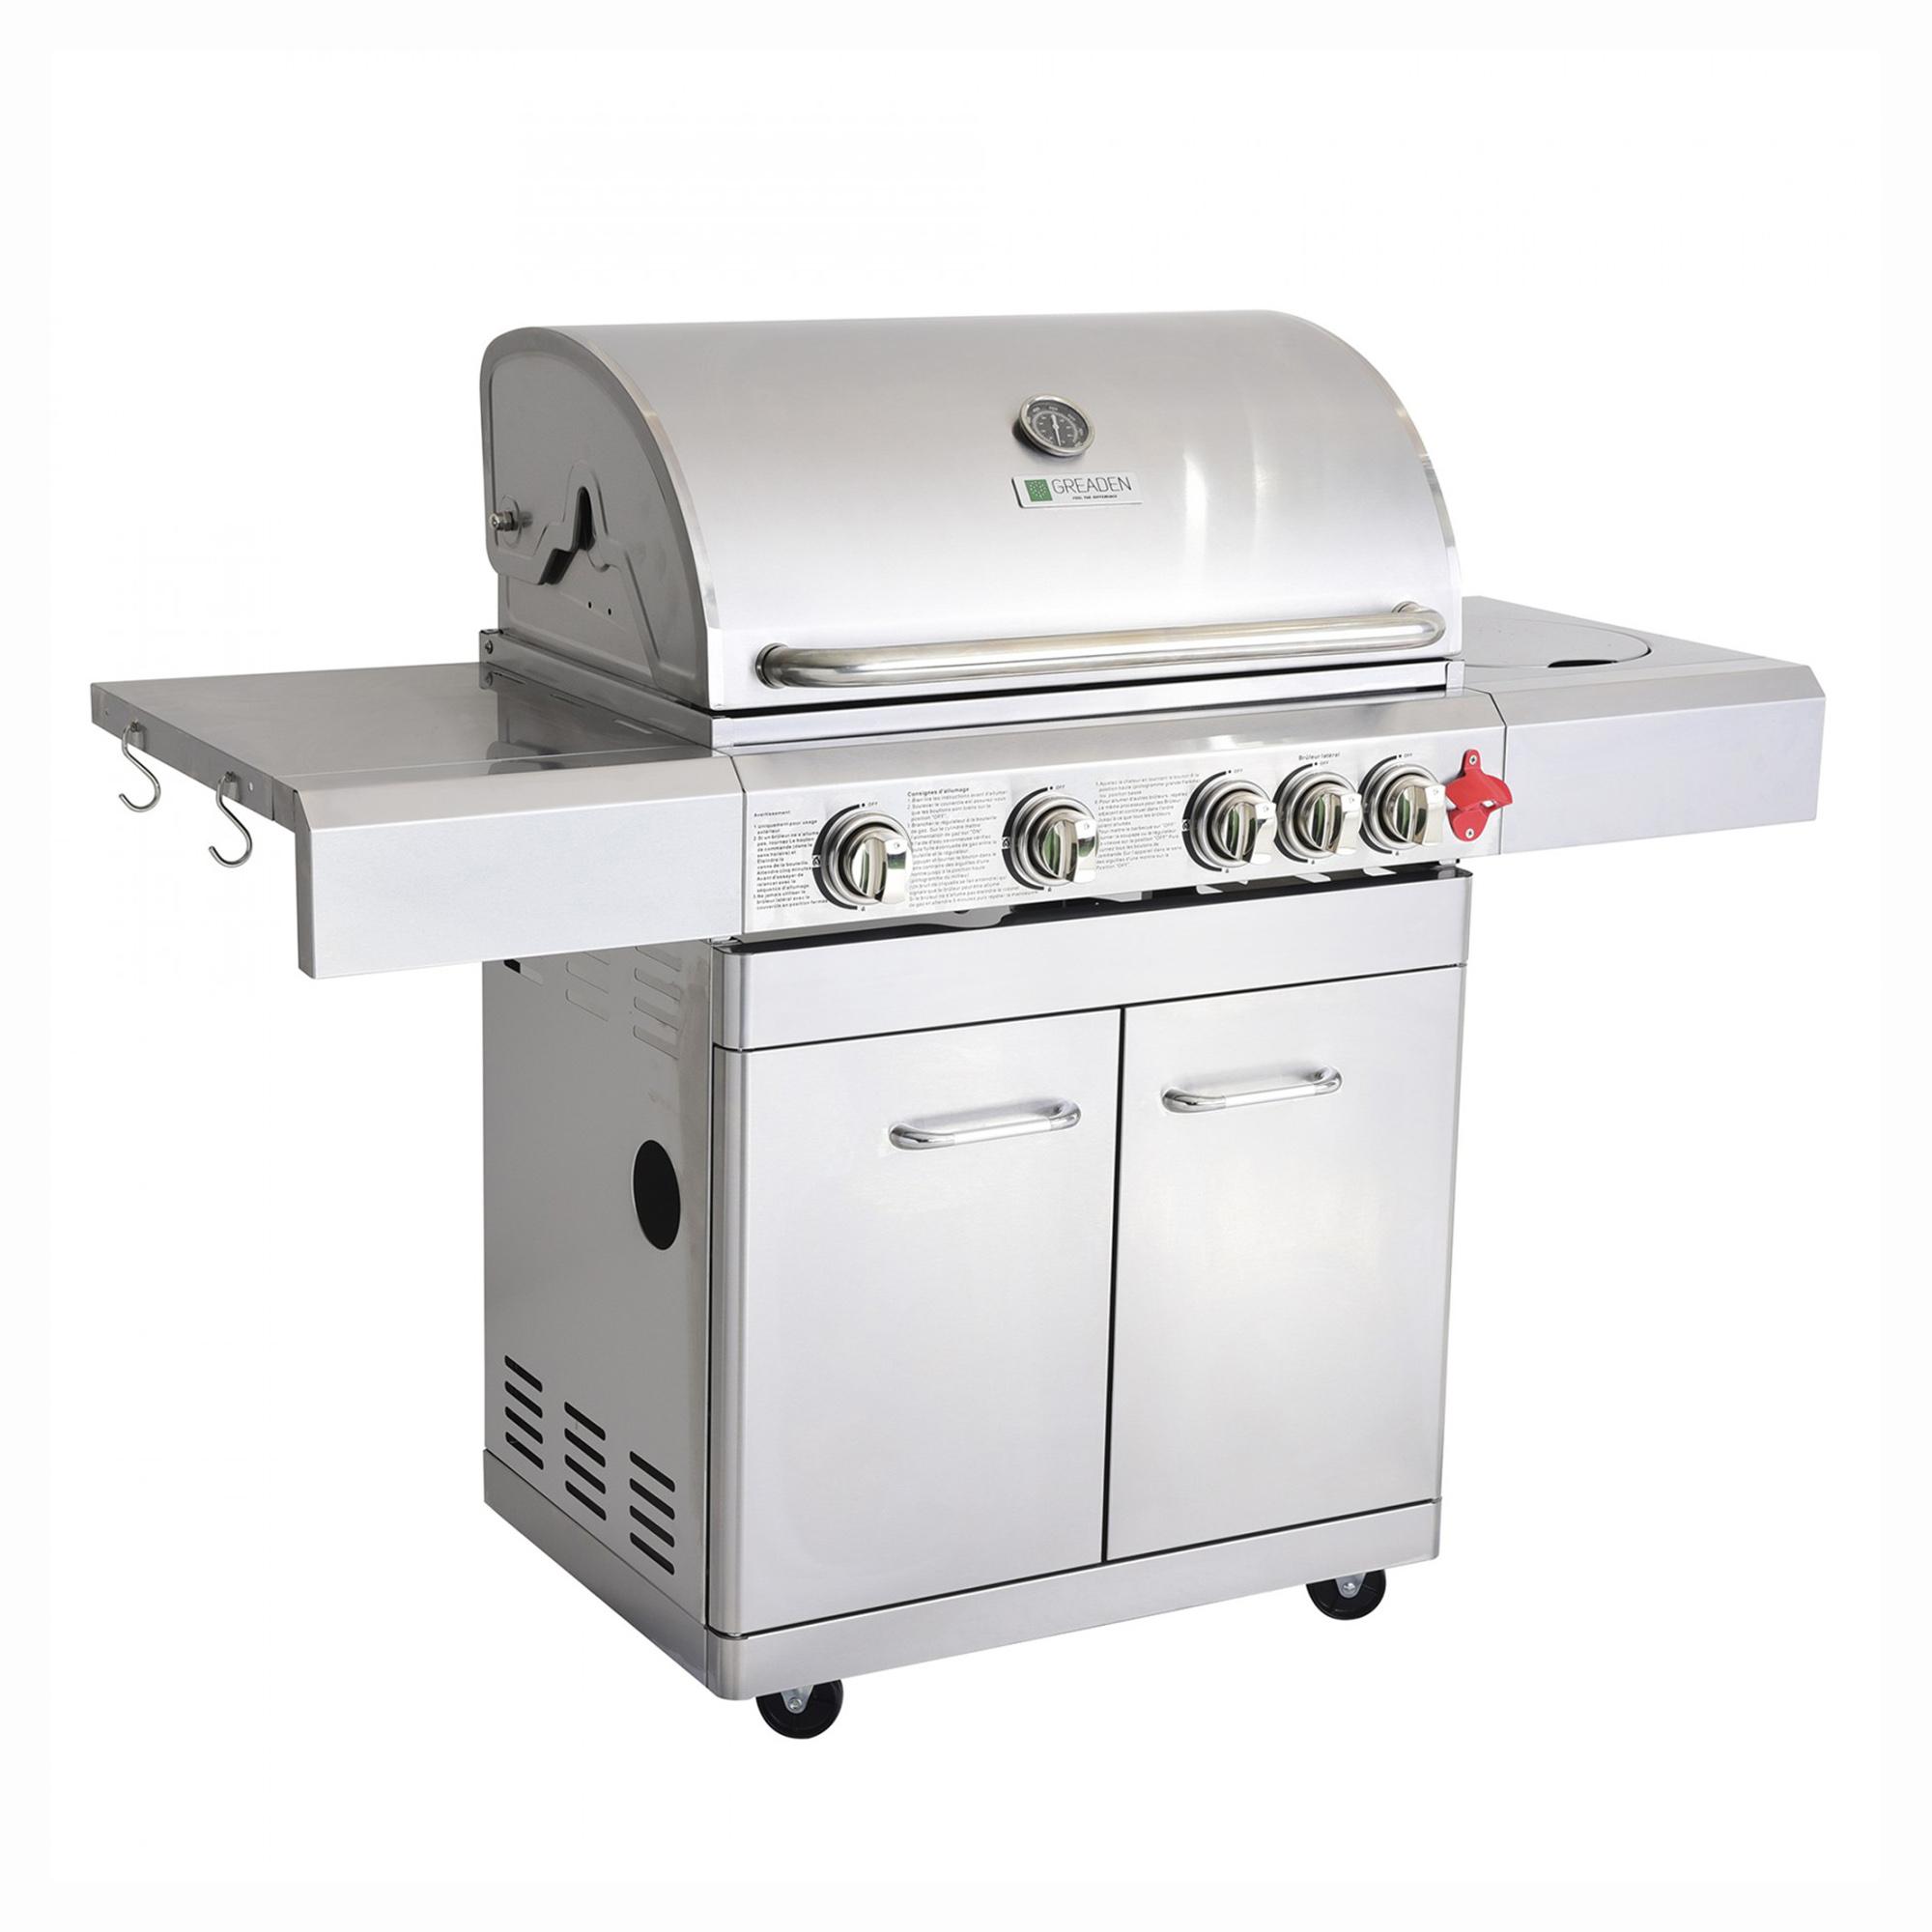 Barbecue à gaz 4 brûleurs avec kit flexible en acier inox